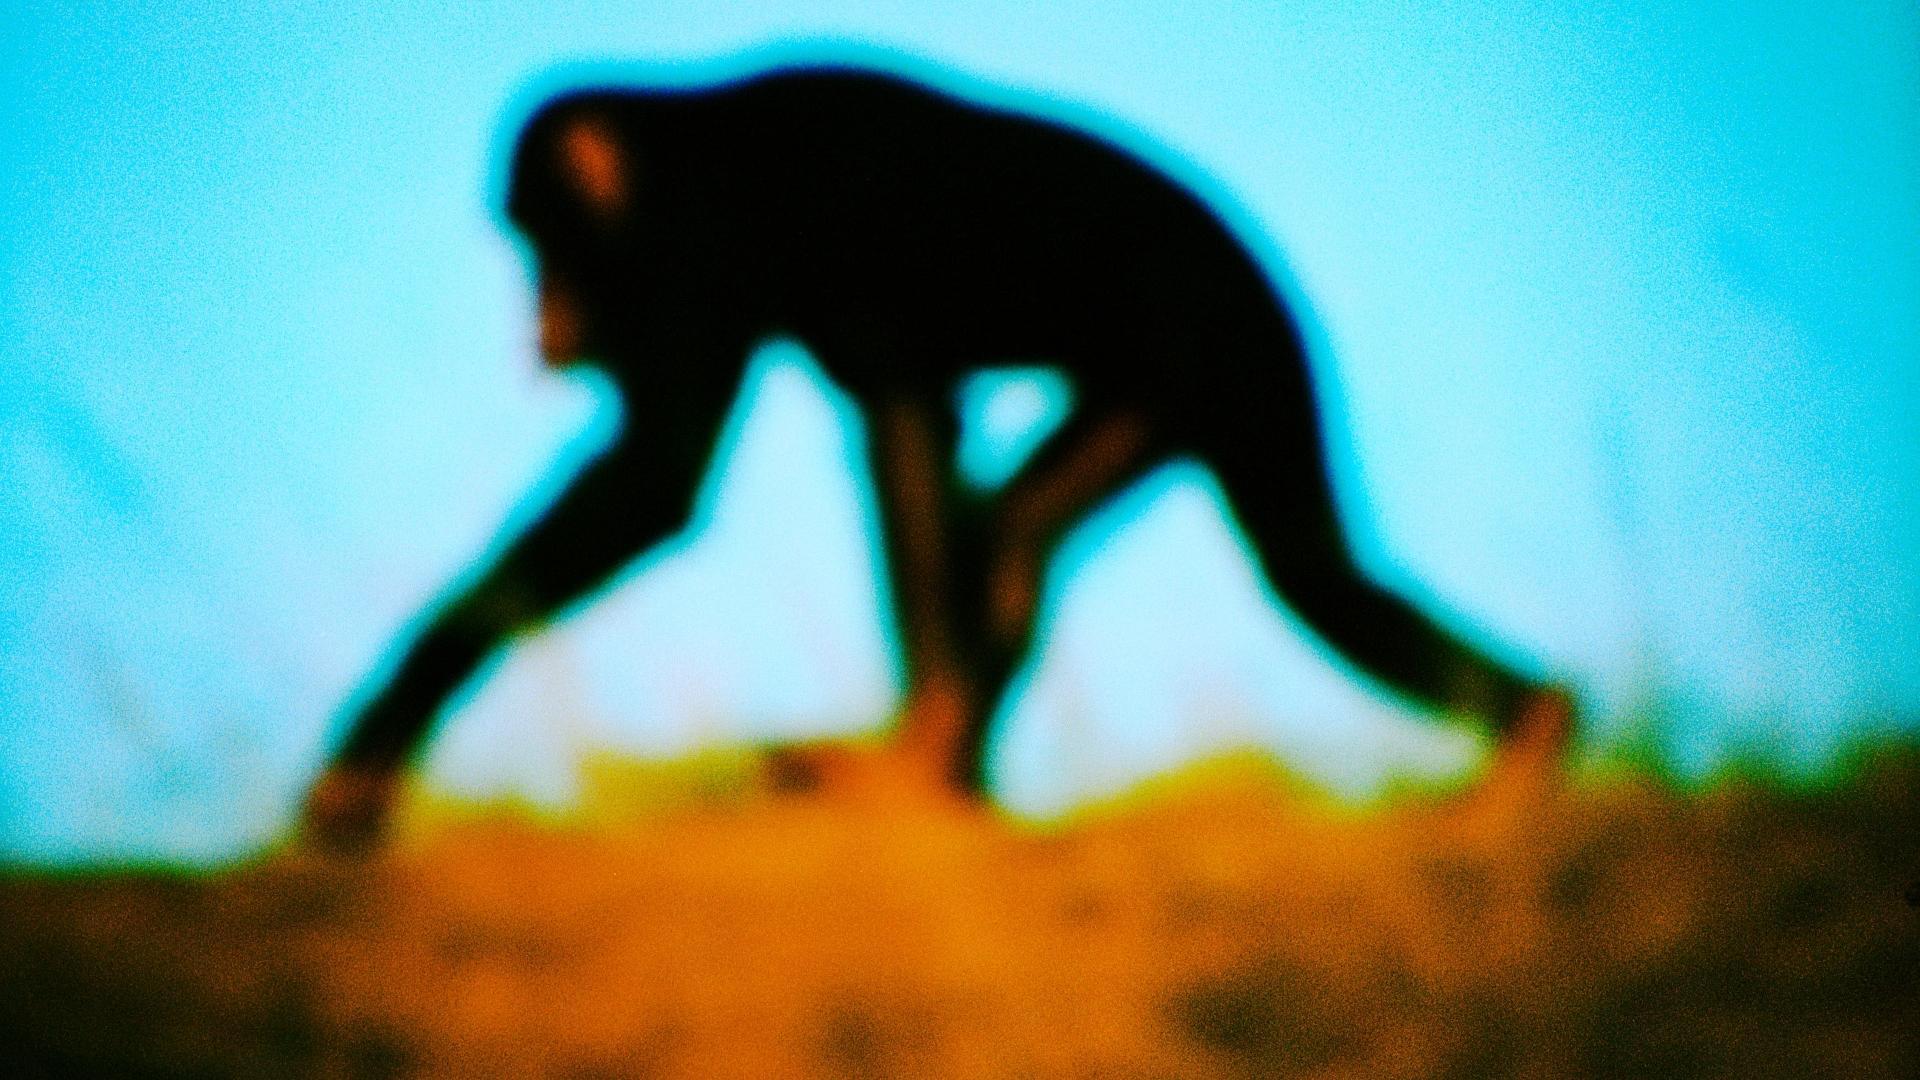 Новые мутации появляются у людей реже, чем у других гоминидов